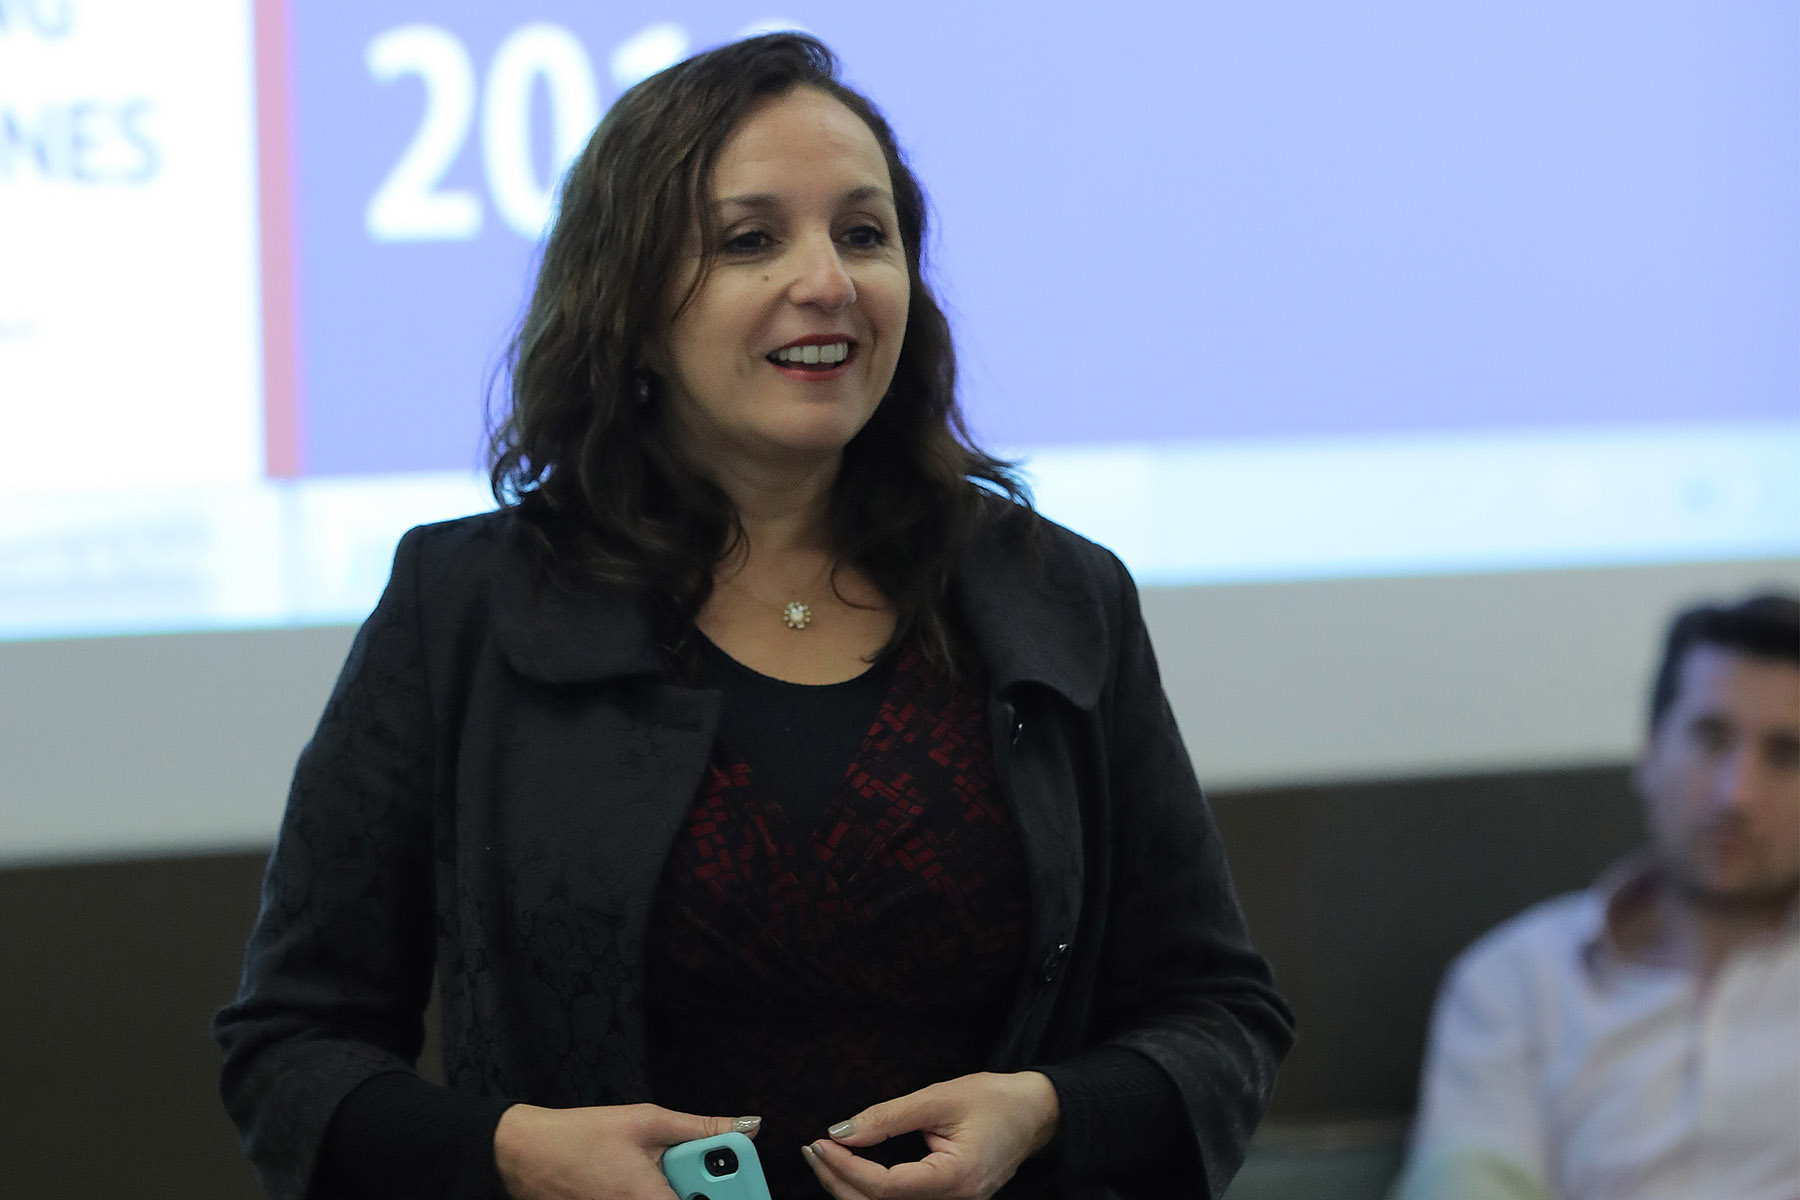 Leslier Valenzuela Profesora FEN UCHILE Directora Académica MBA Weekend Economía y Negocios